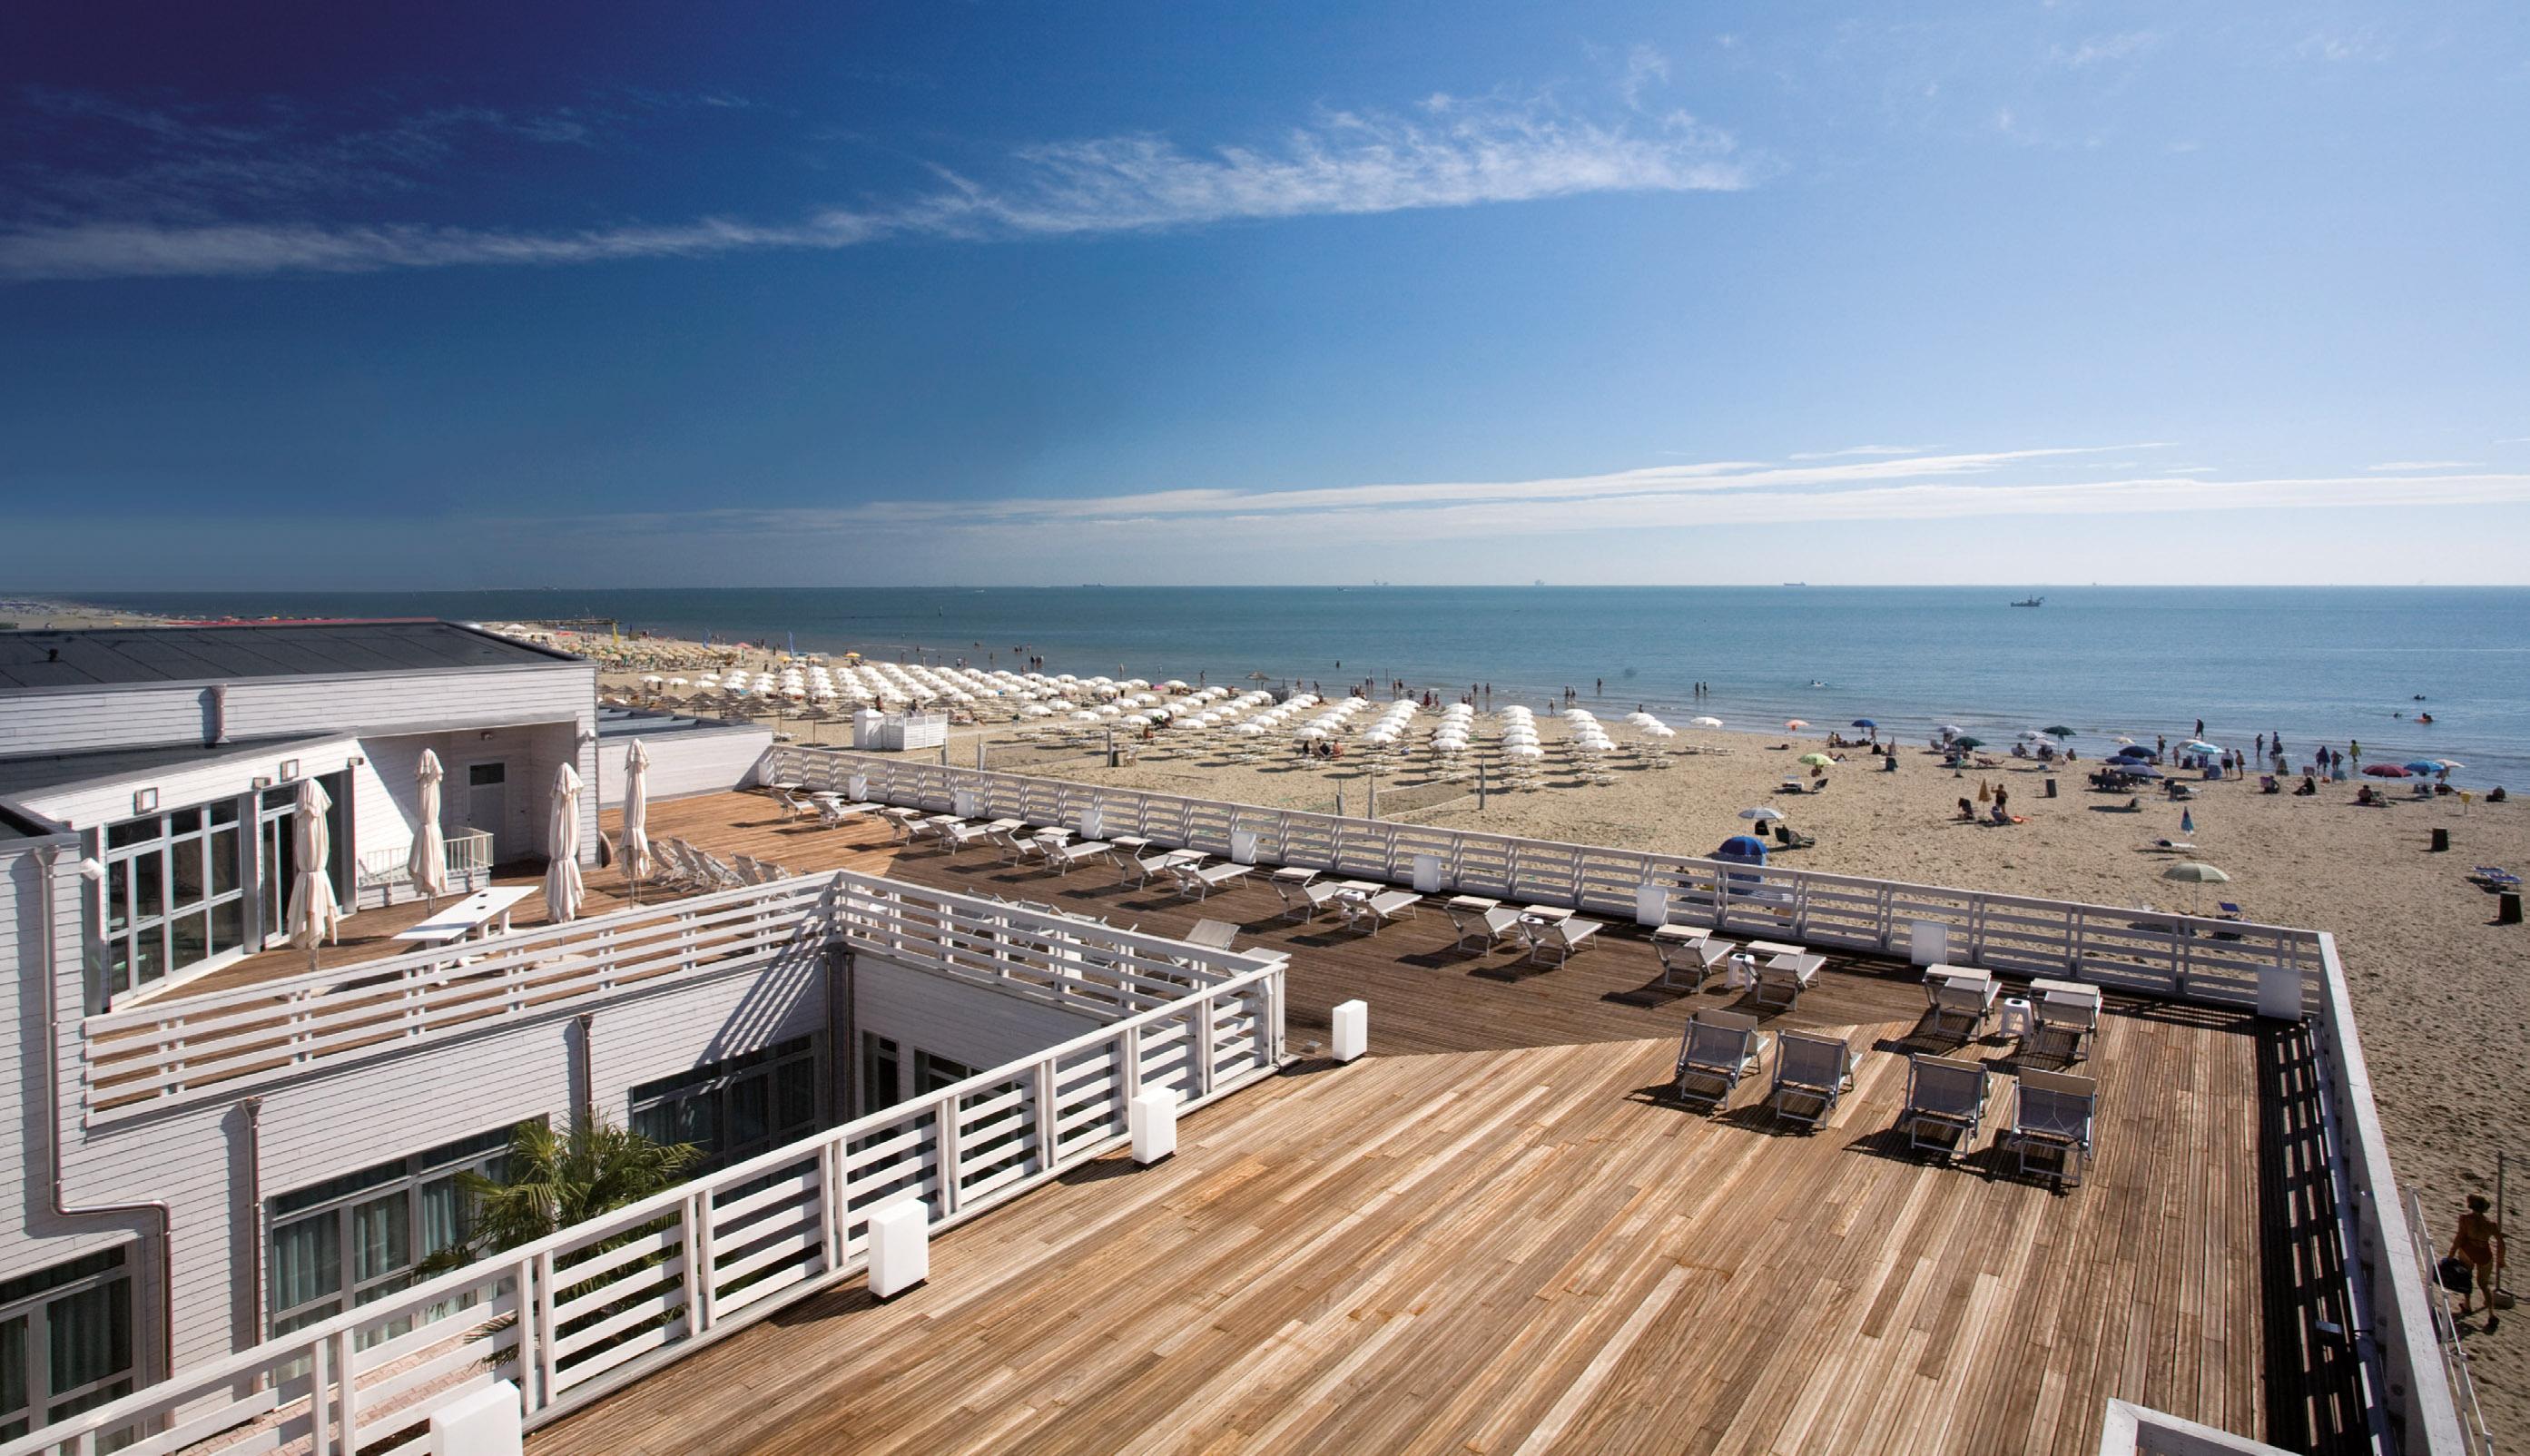 Spiaggia di Punta Marina Terme